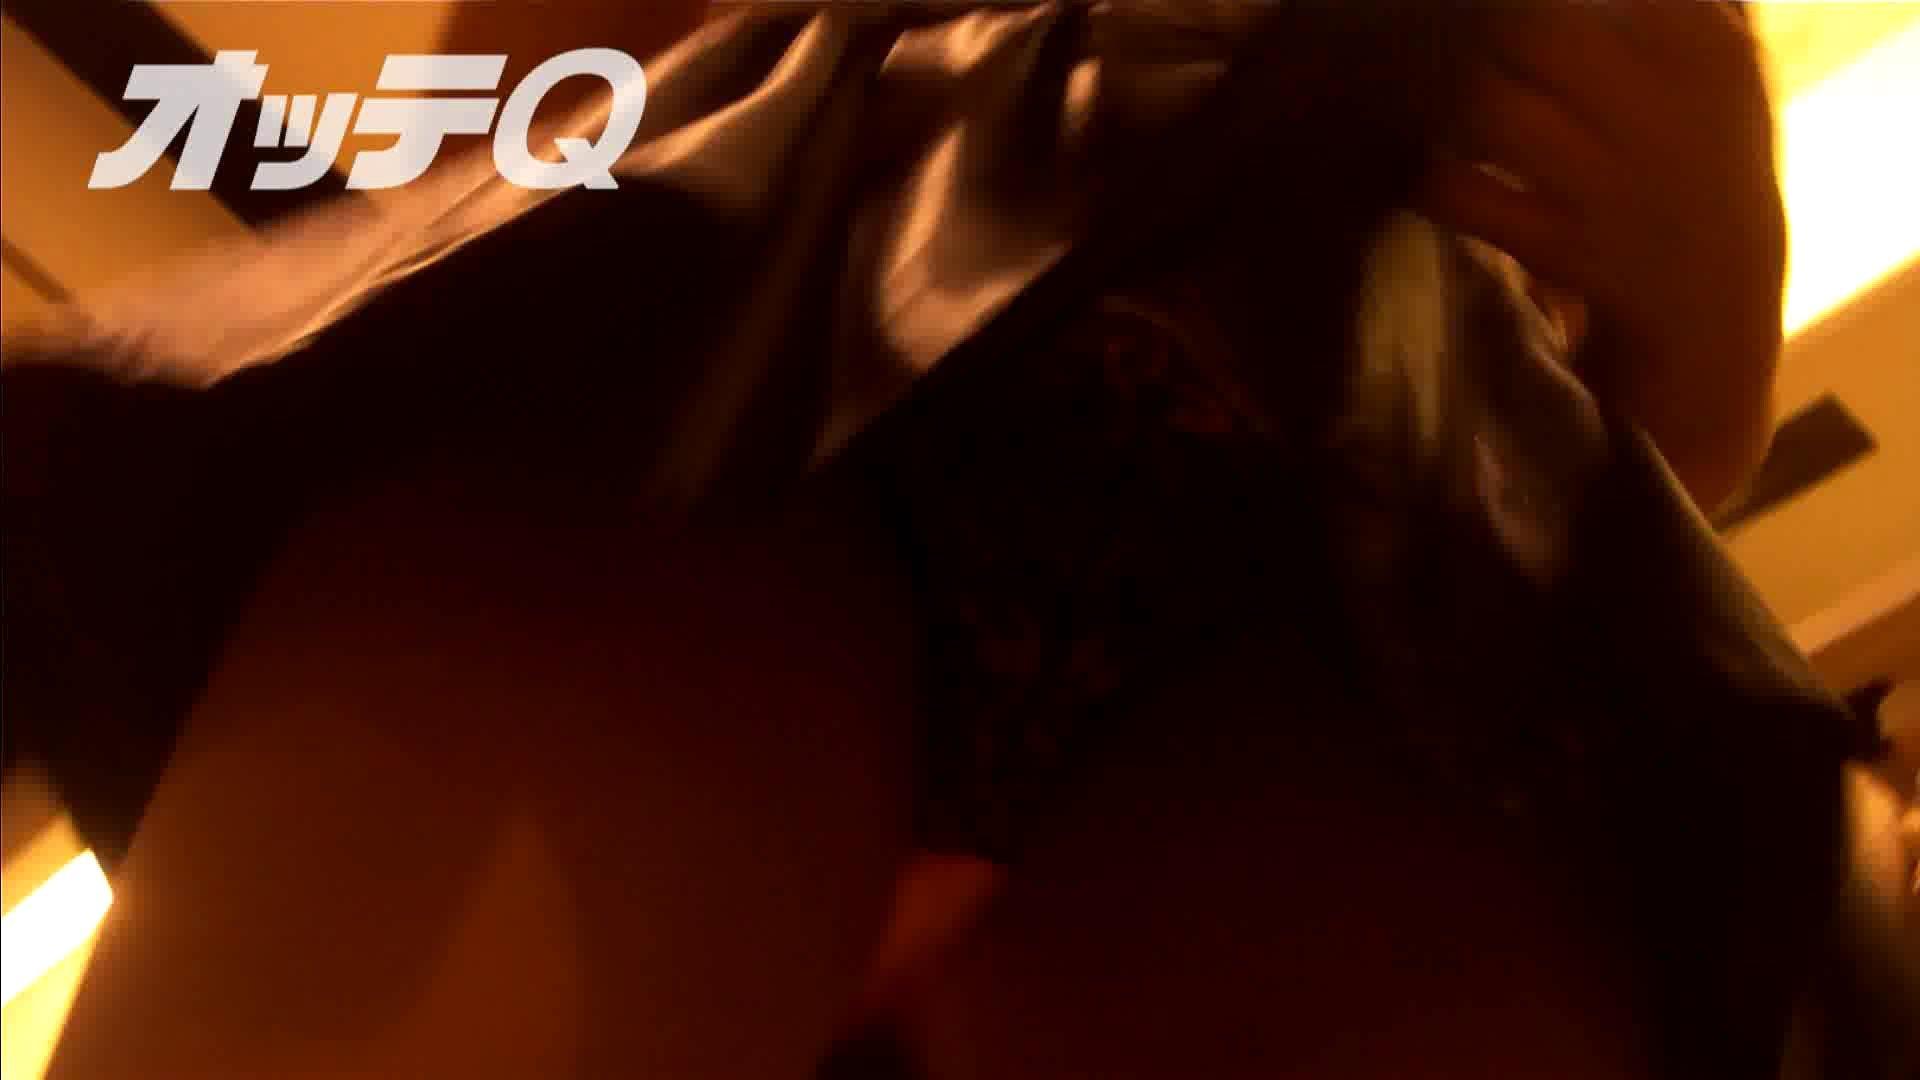 ハイビジョンパンチラ オッテQさんの追跡パンチラデパート編VOL.03 パンチラのぞき ワレメ動画紹介 109pic 34